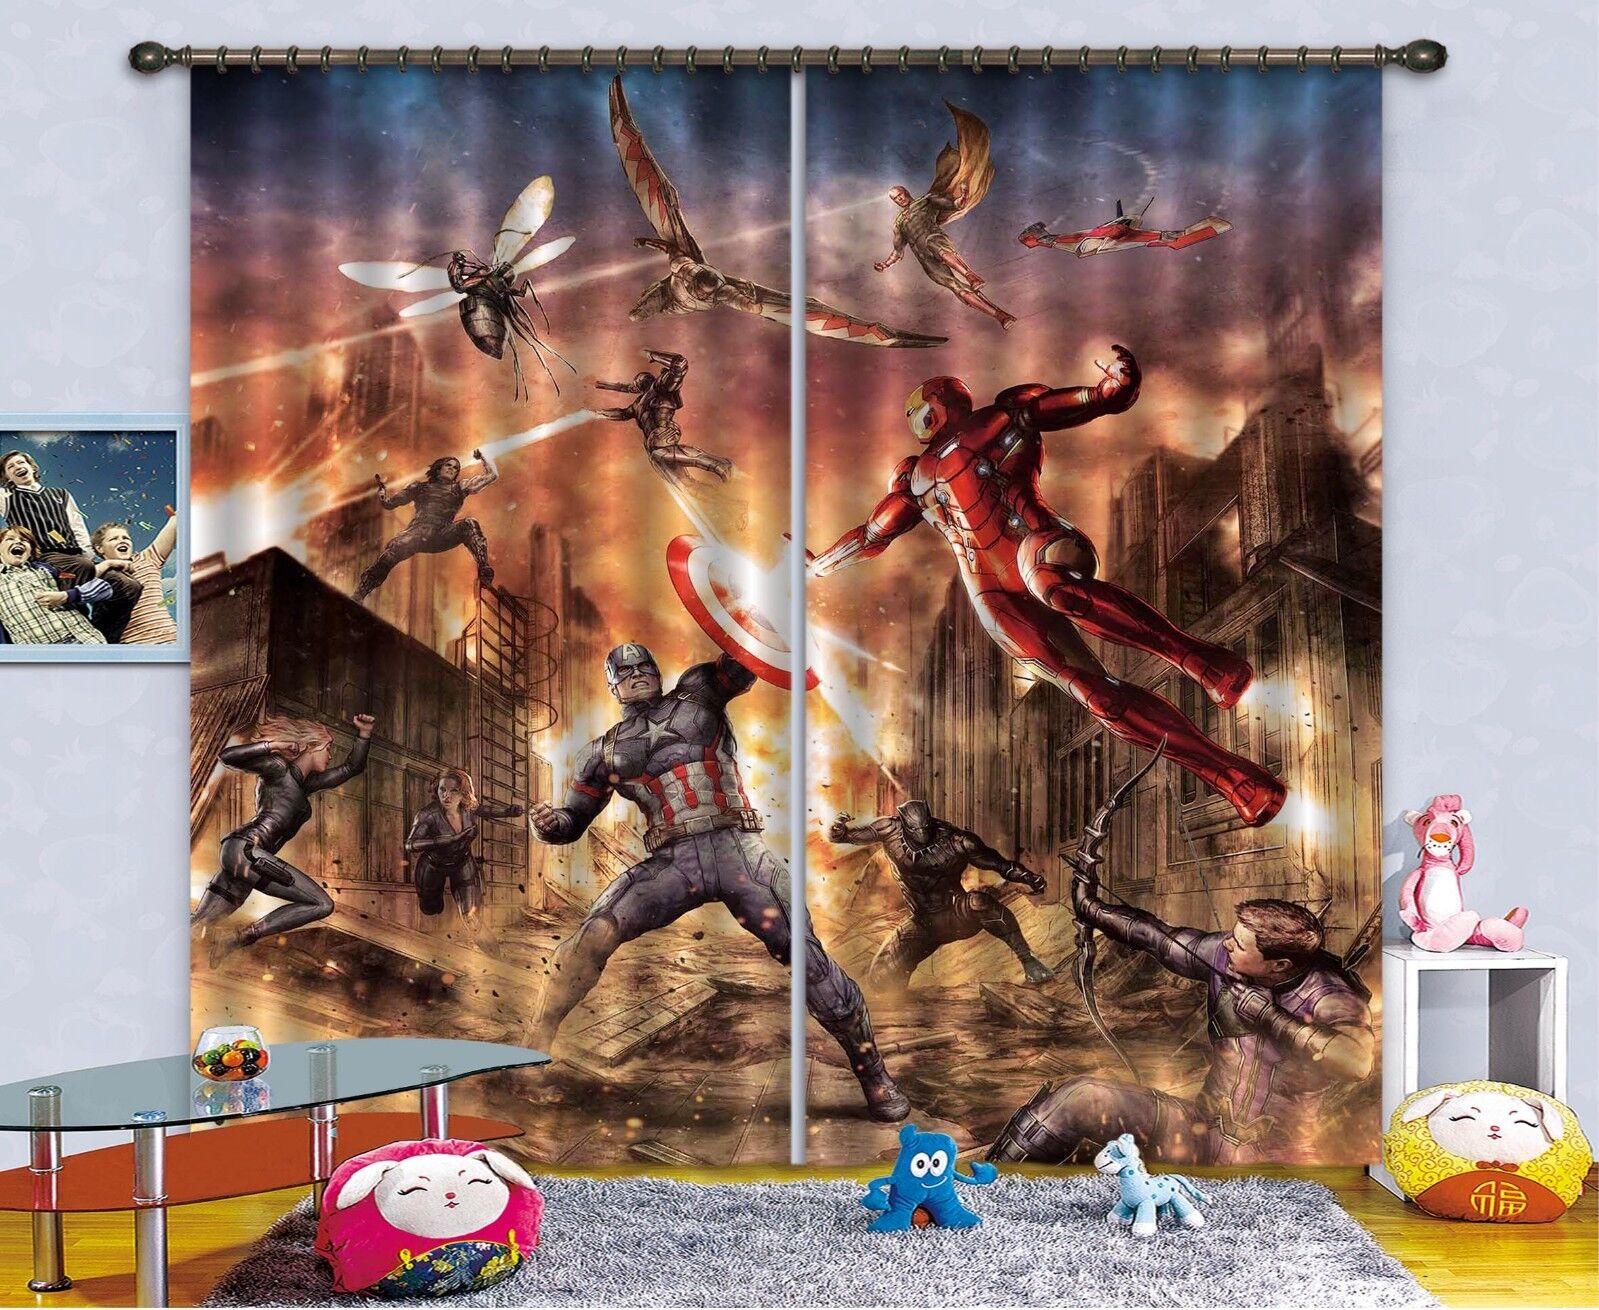 3d guerreros ciudad bloqueo 578 cortina de fotografía cortina de impresión sustancia cortinas de ventana